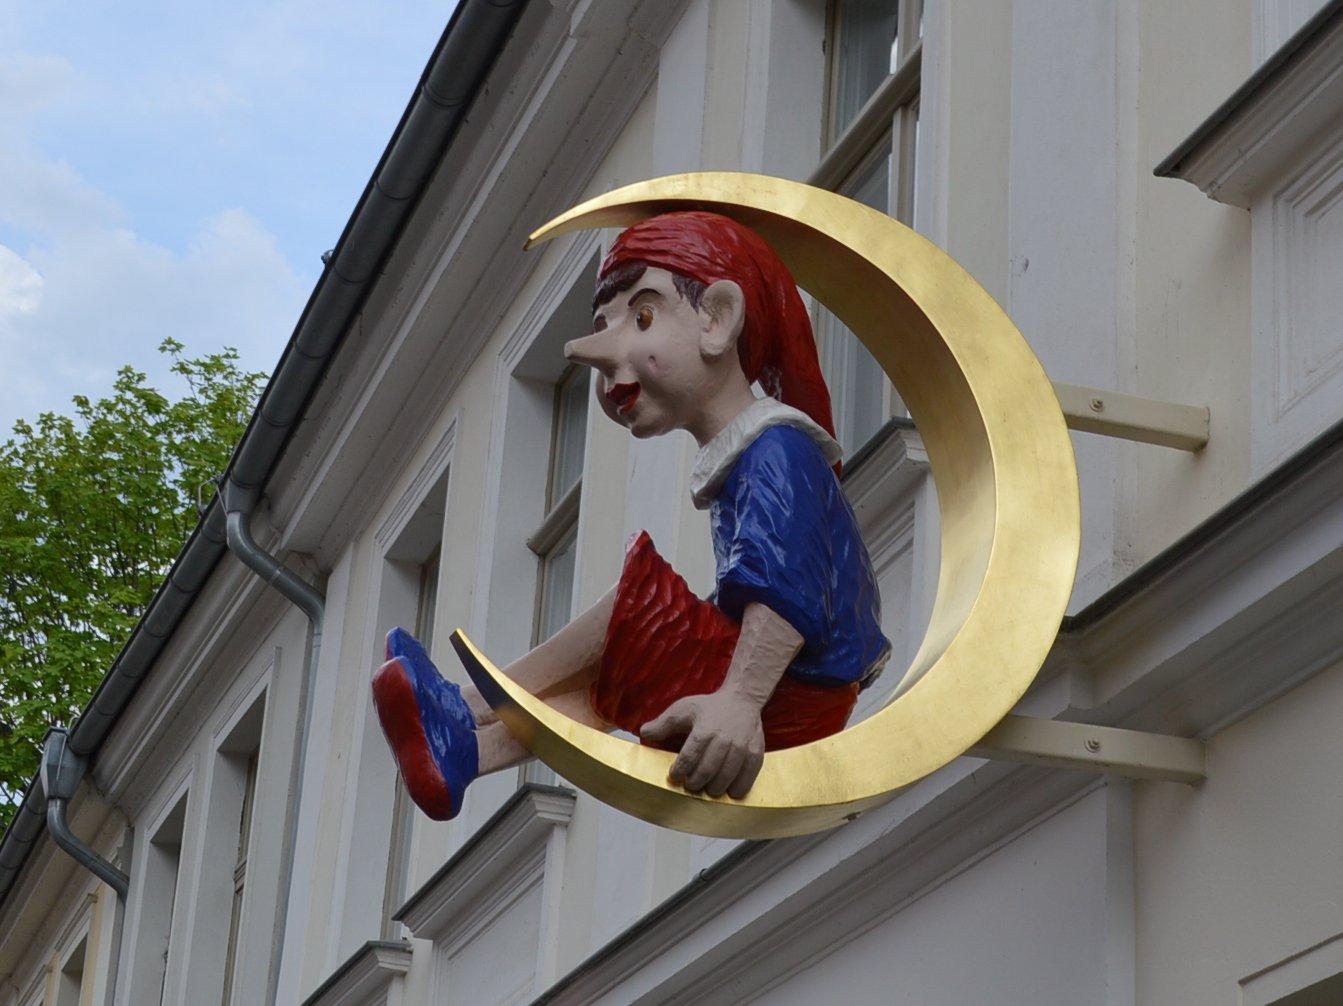 Schild an einer Hauswand: Ein Pinocchio mit roter Mütze sitzt in einem goldenen Halbmond.